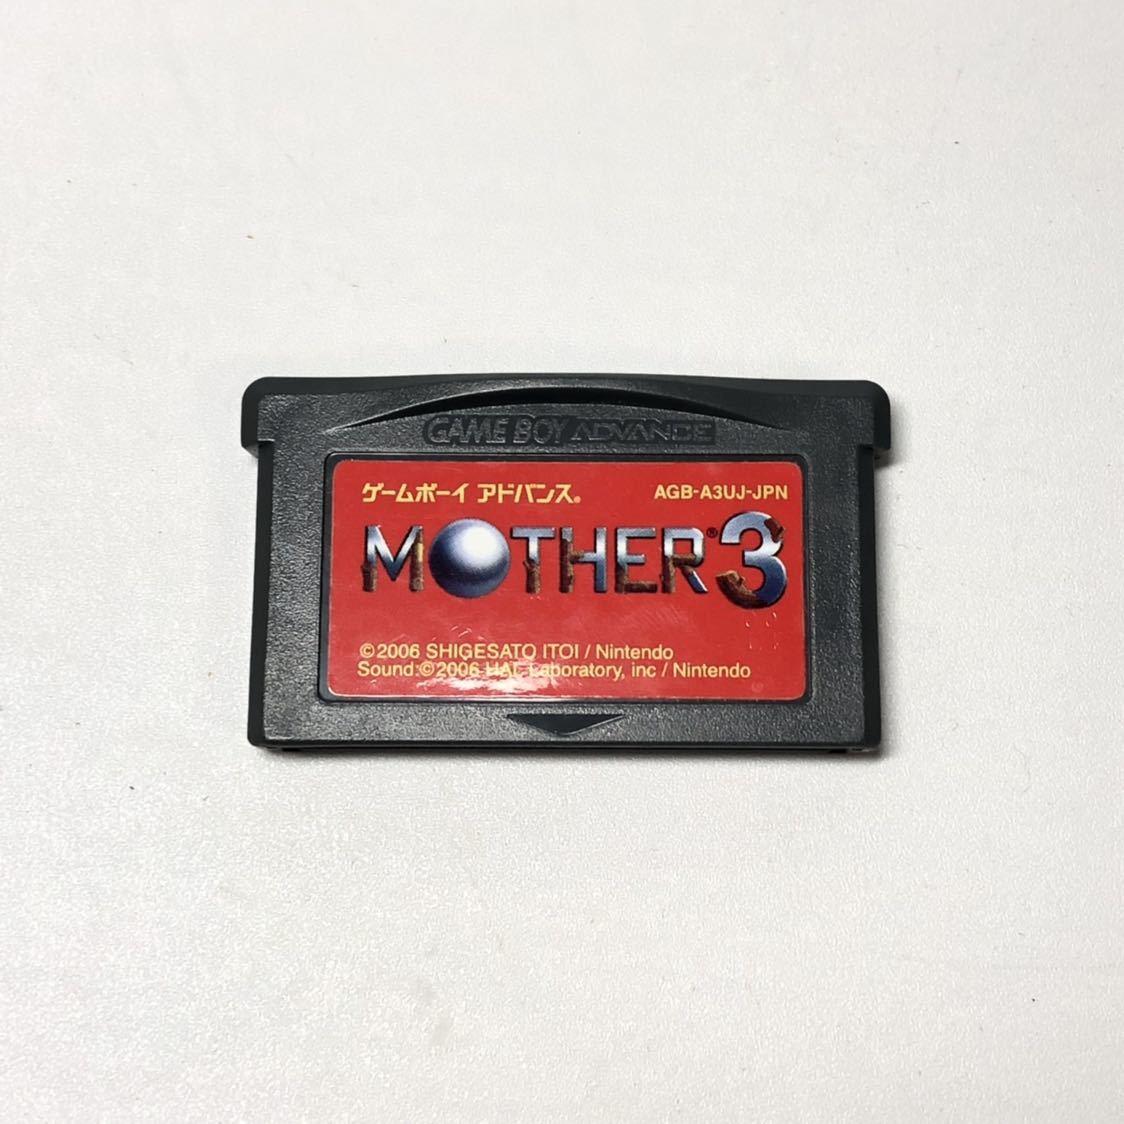 【動作良好】MOTHER3 マザー3 GBA ゲームボーイアドバンス カセットのみ 動作確認済み